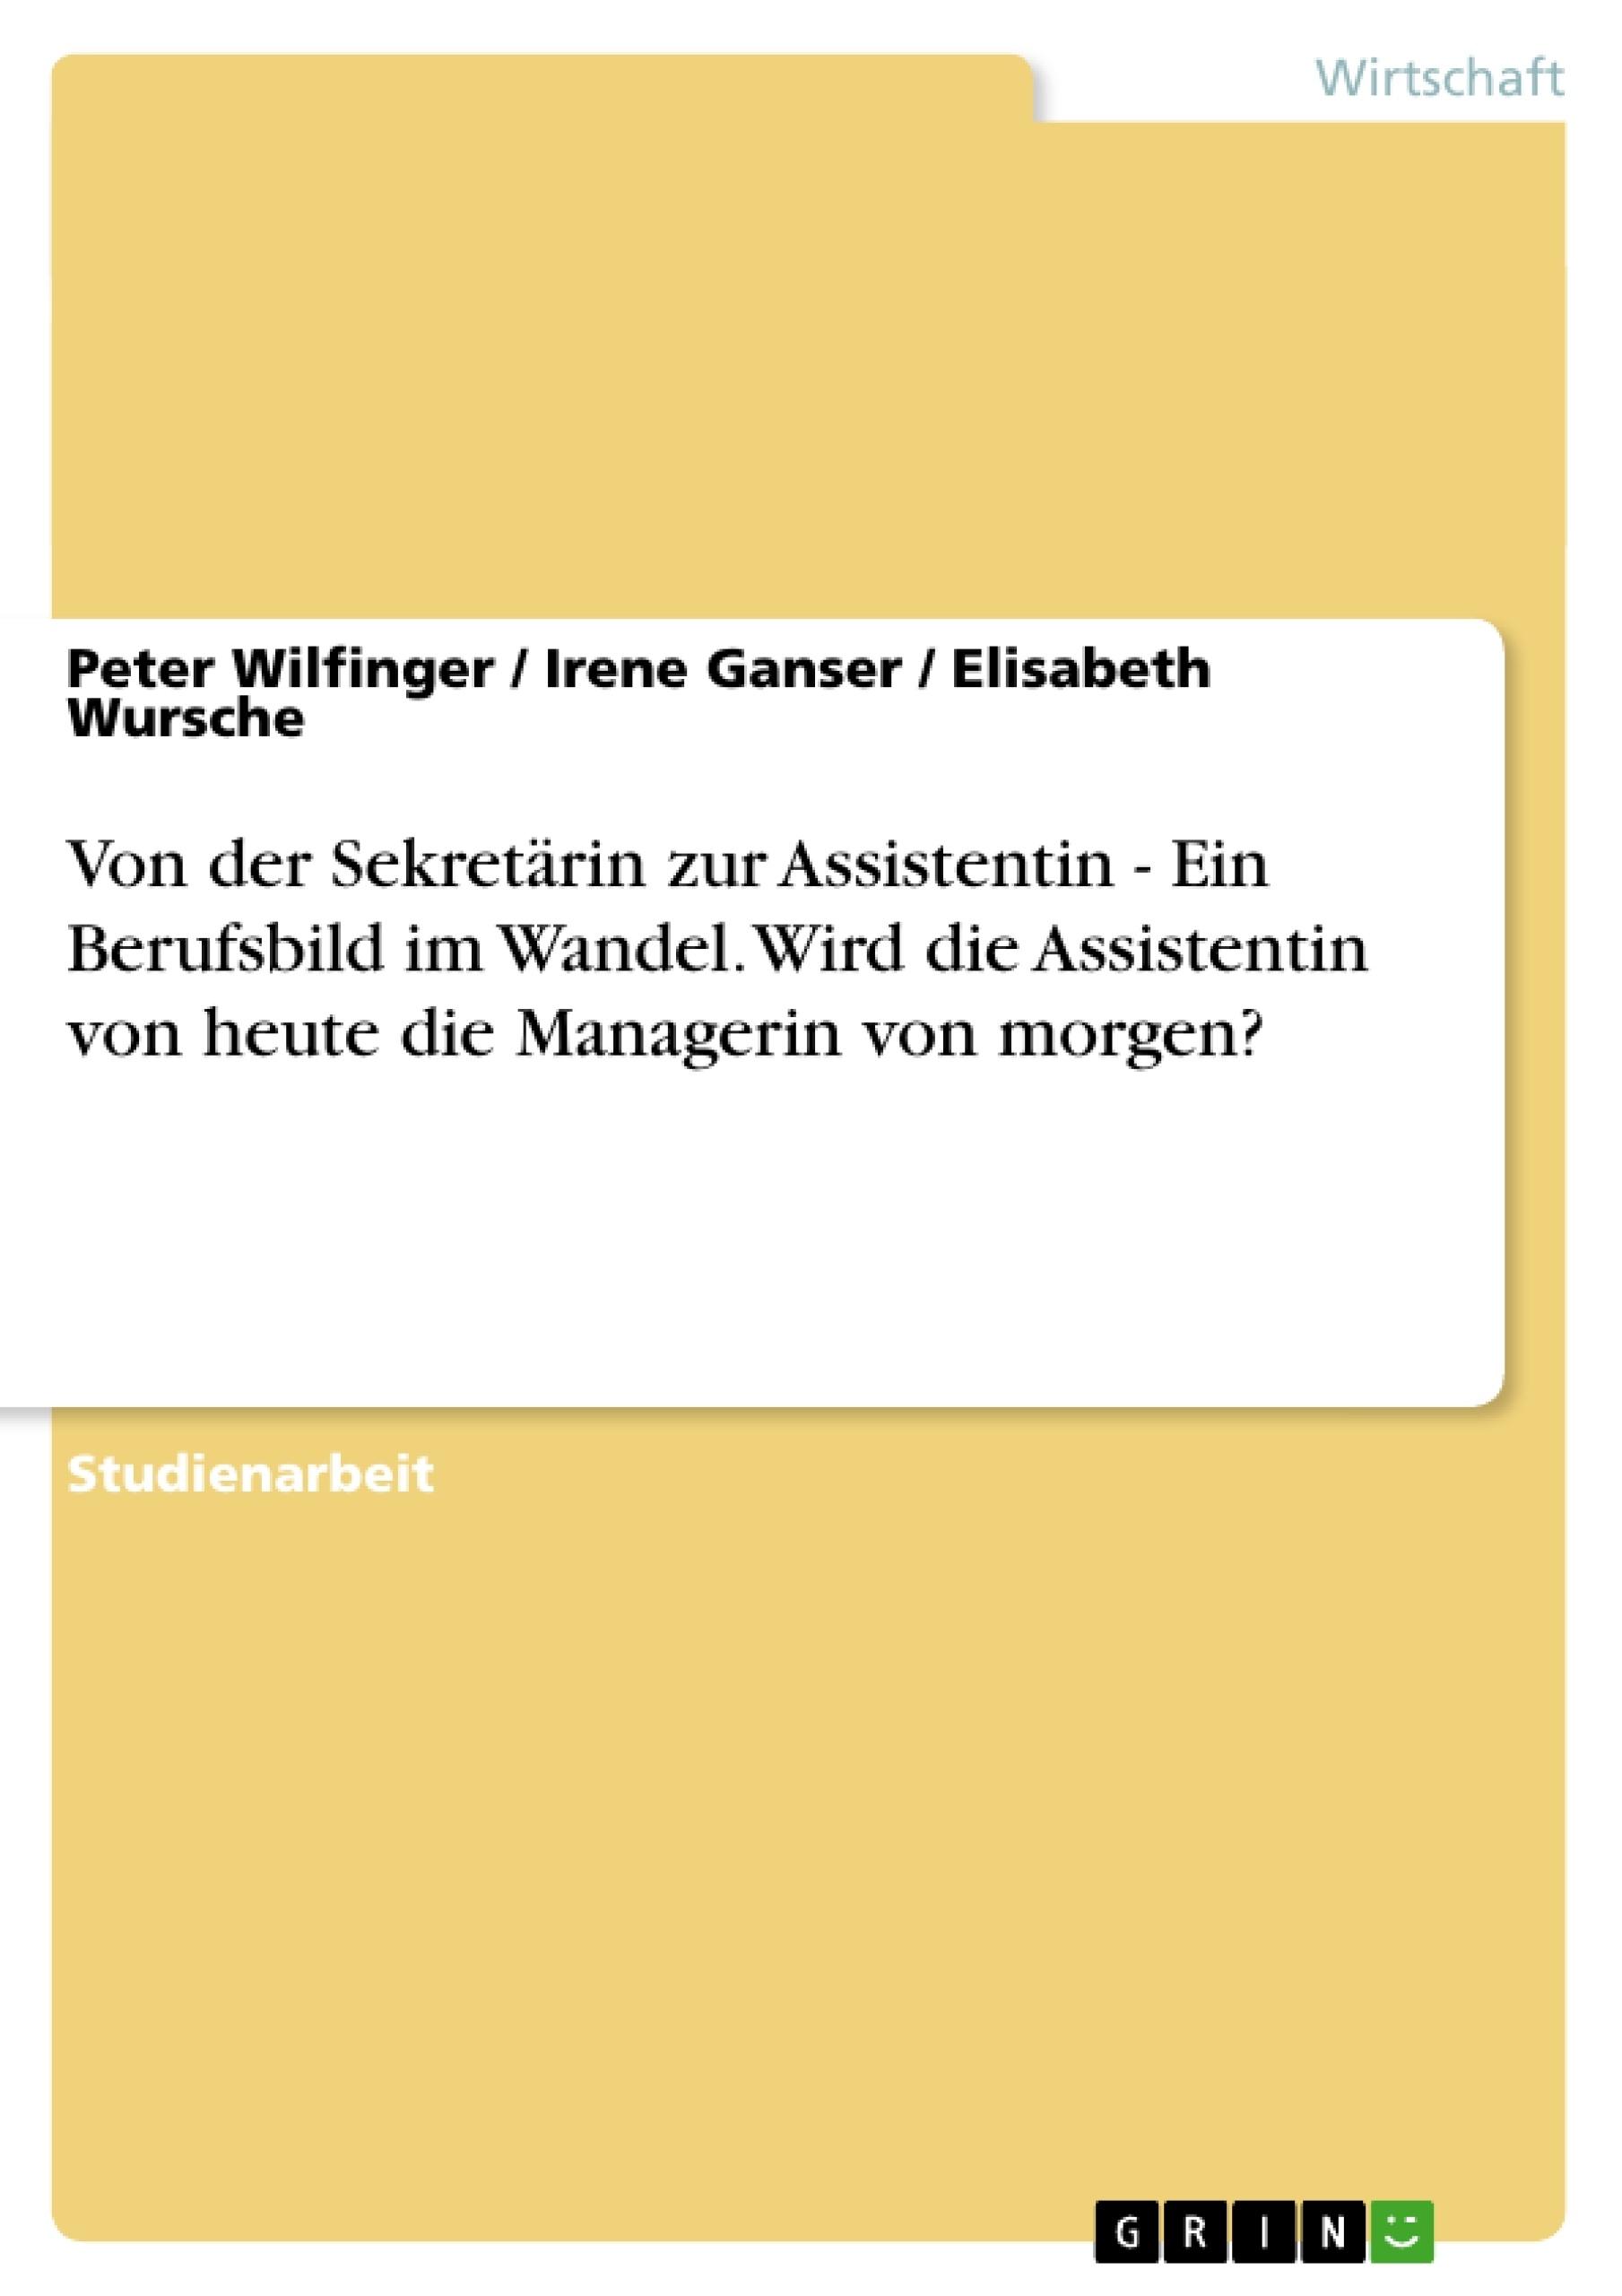 Titel: Von der Sekretärin zur Assistentin - Ein Berufsbild im Wandel. Wird die Assistentin von heute die Managerin von morgen?